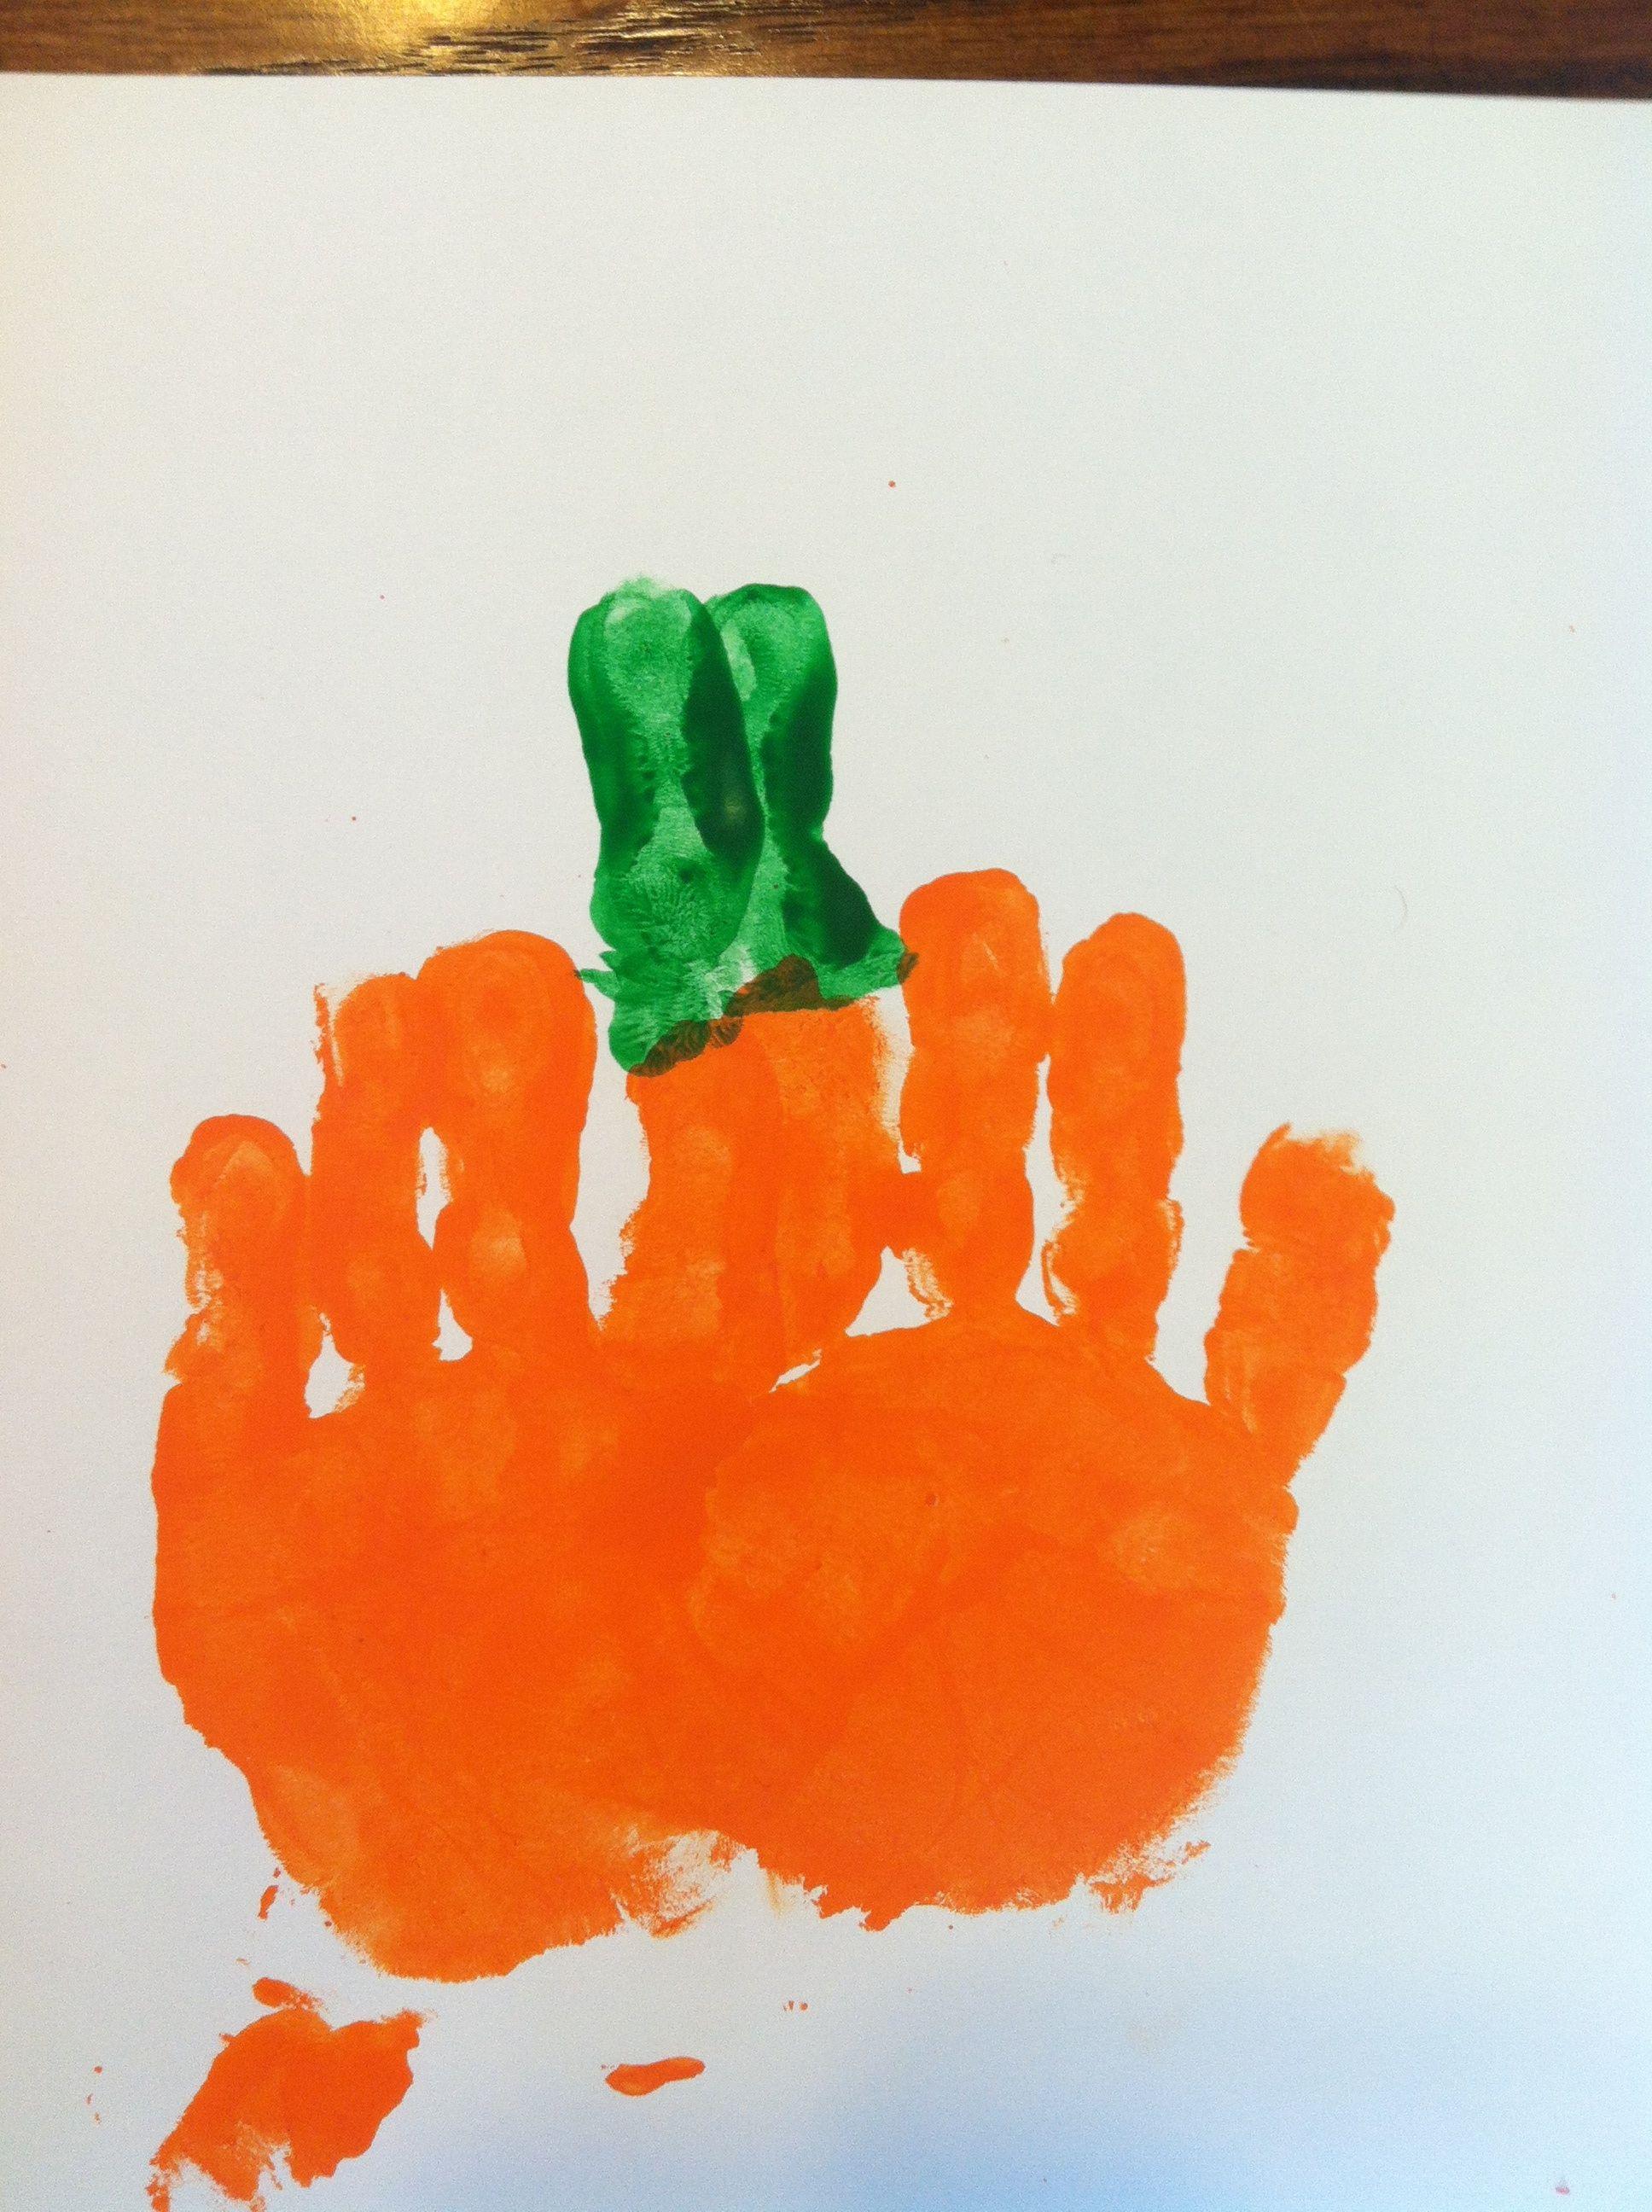 Pumpkin Hand Print